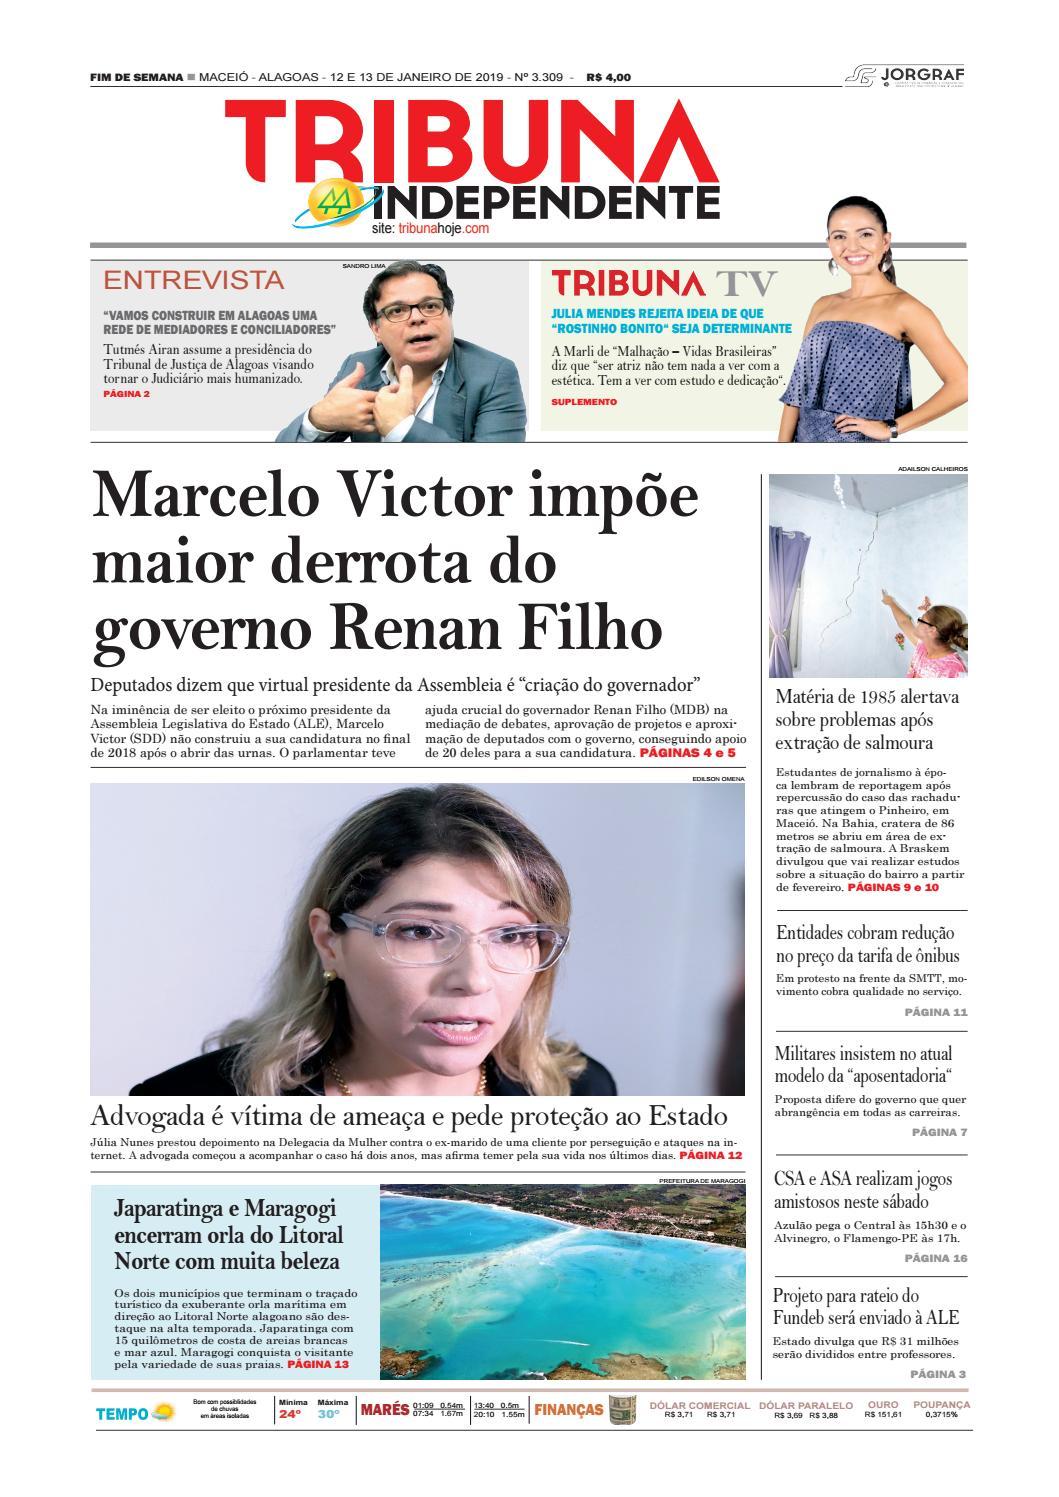 Edição número 3309 - 12 e 13 de janeiro de 2019 by Tribuna Hoje - issuu 3281963c89